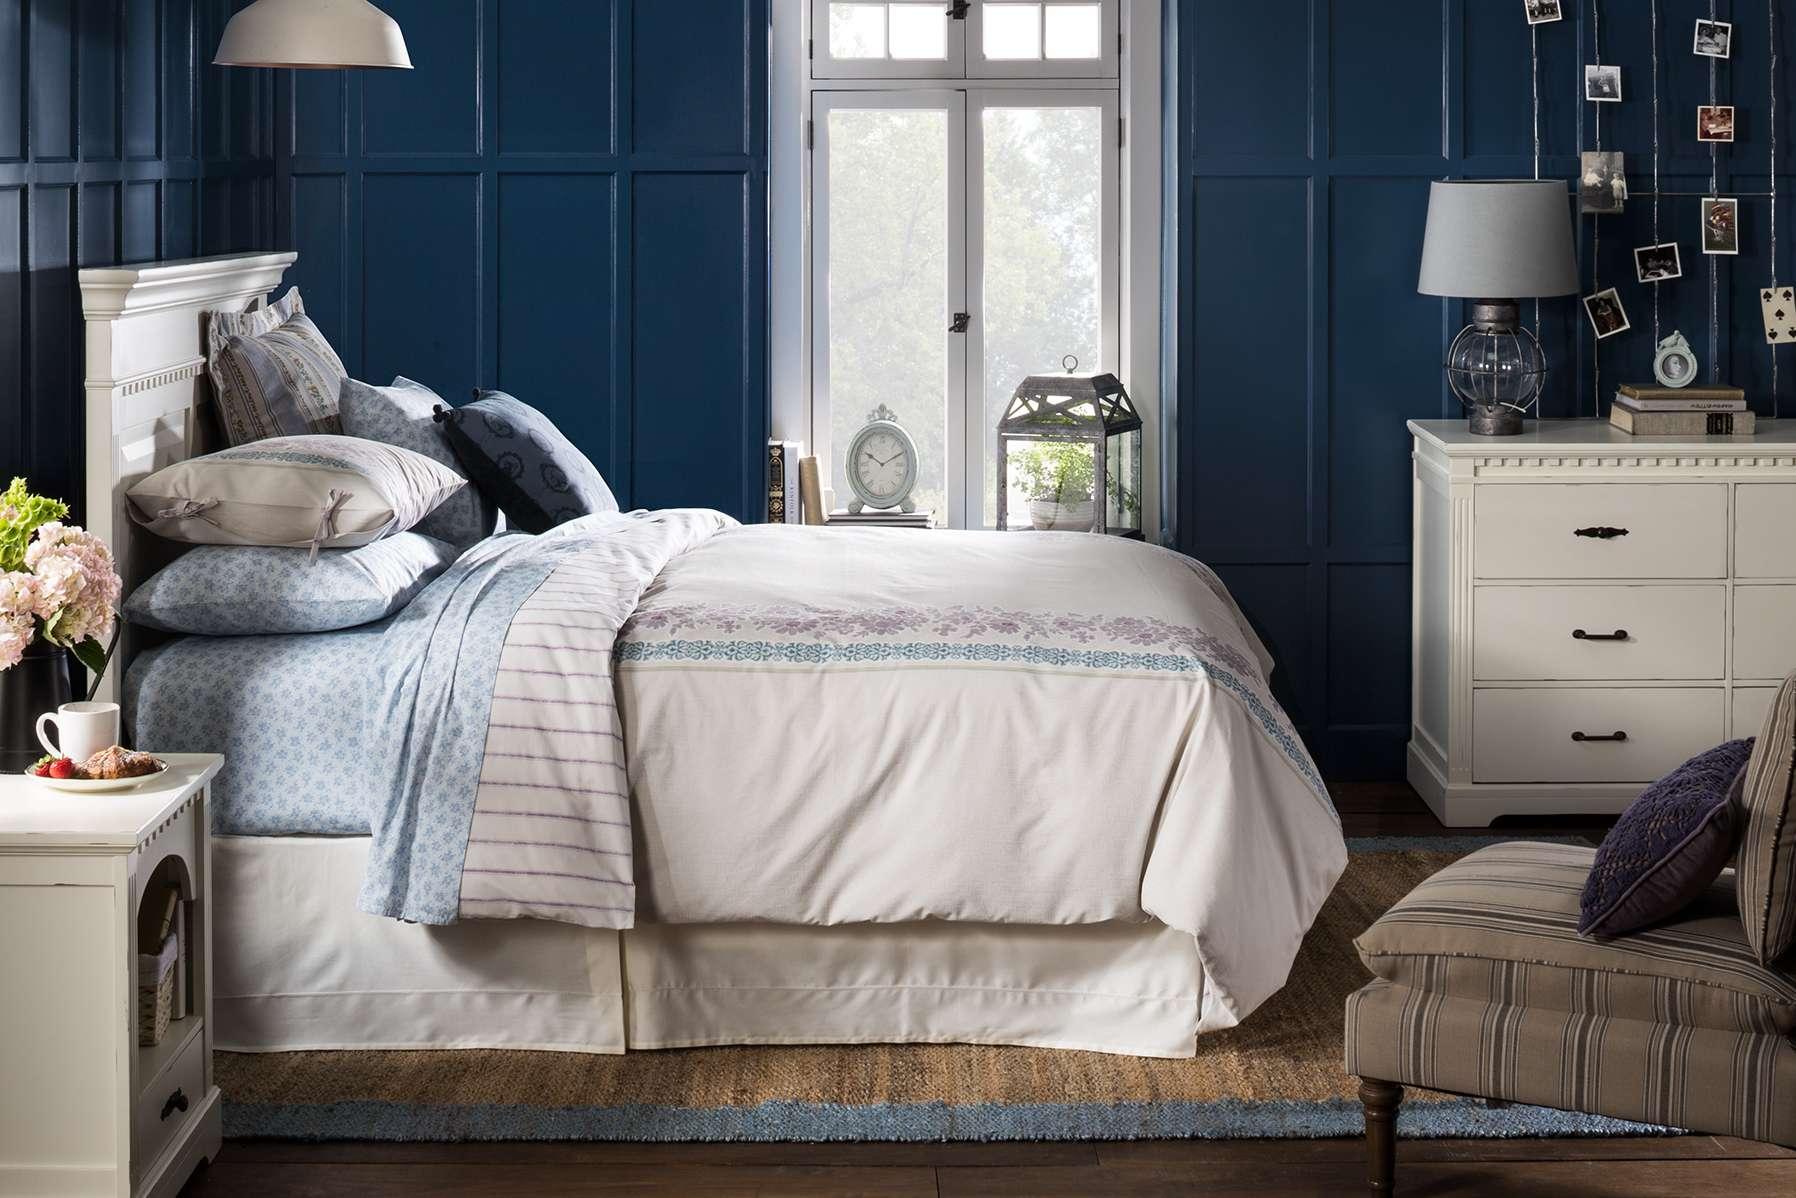 Quilt blanket rack bedroom furniture target for Bedroom furniture target